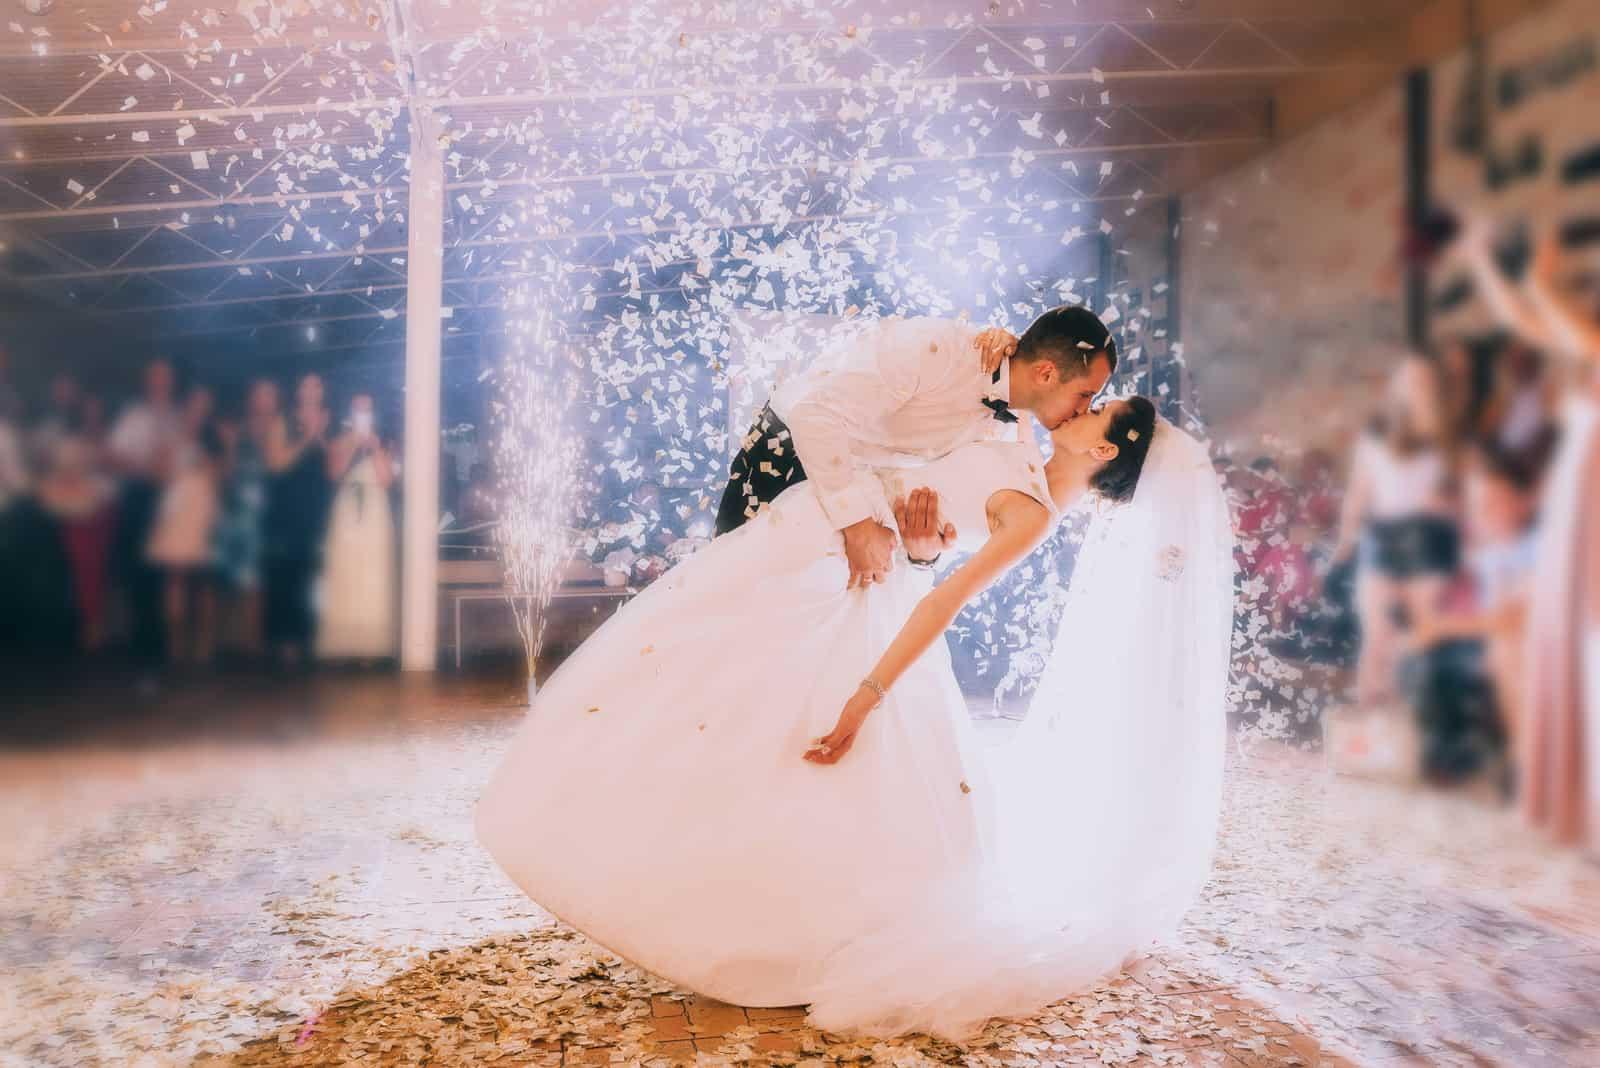 Hochzeitstanz Lieder Die allerschönsten Lieder für euren Eröffnungstanz